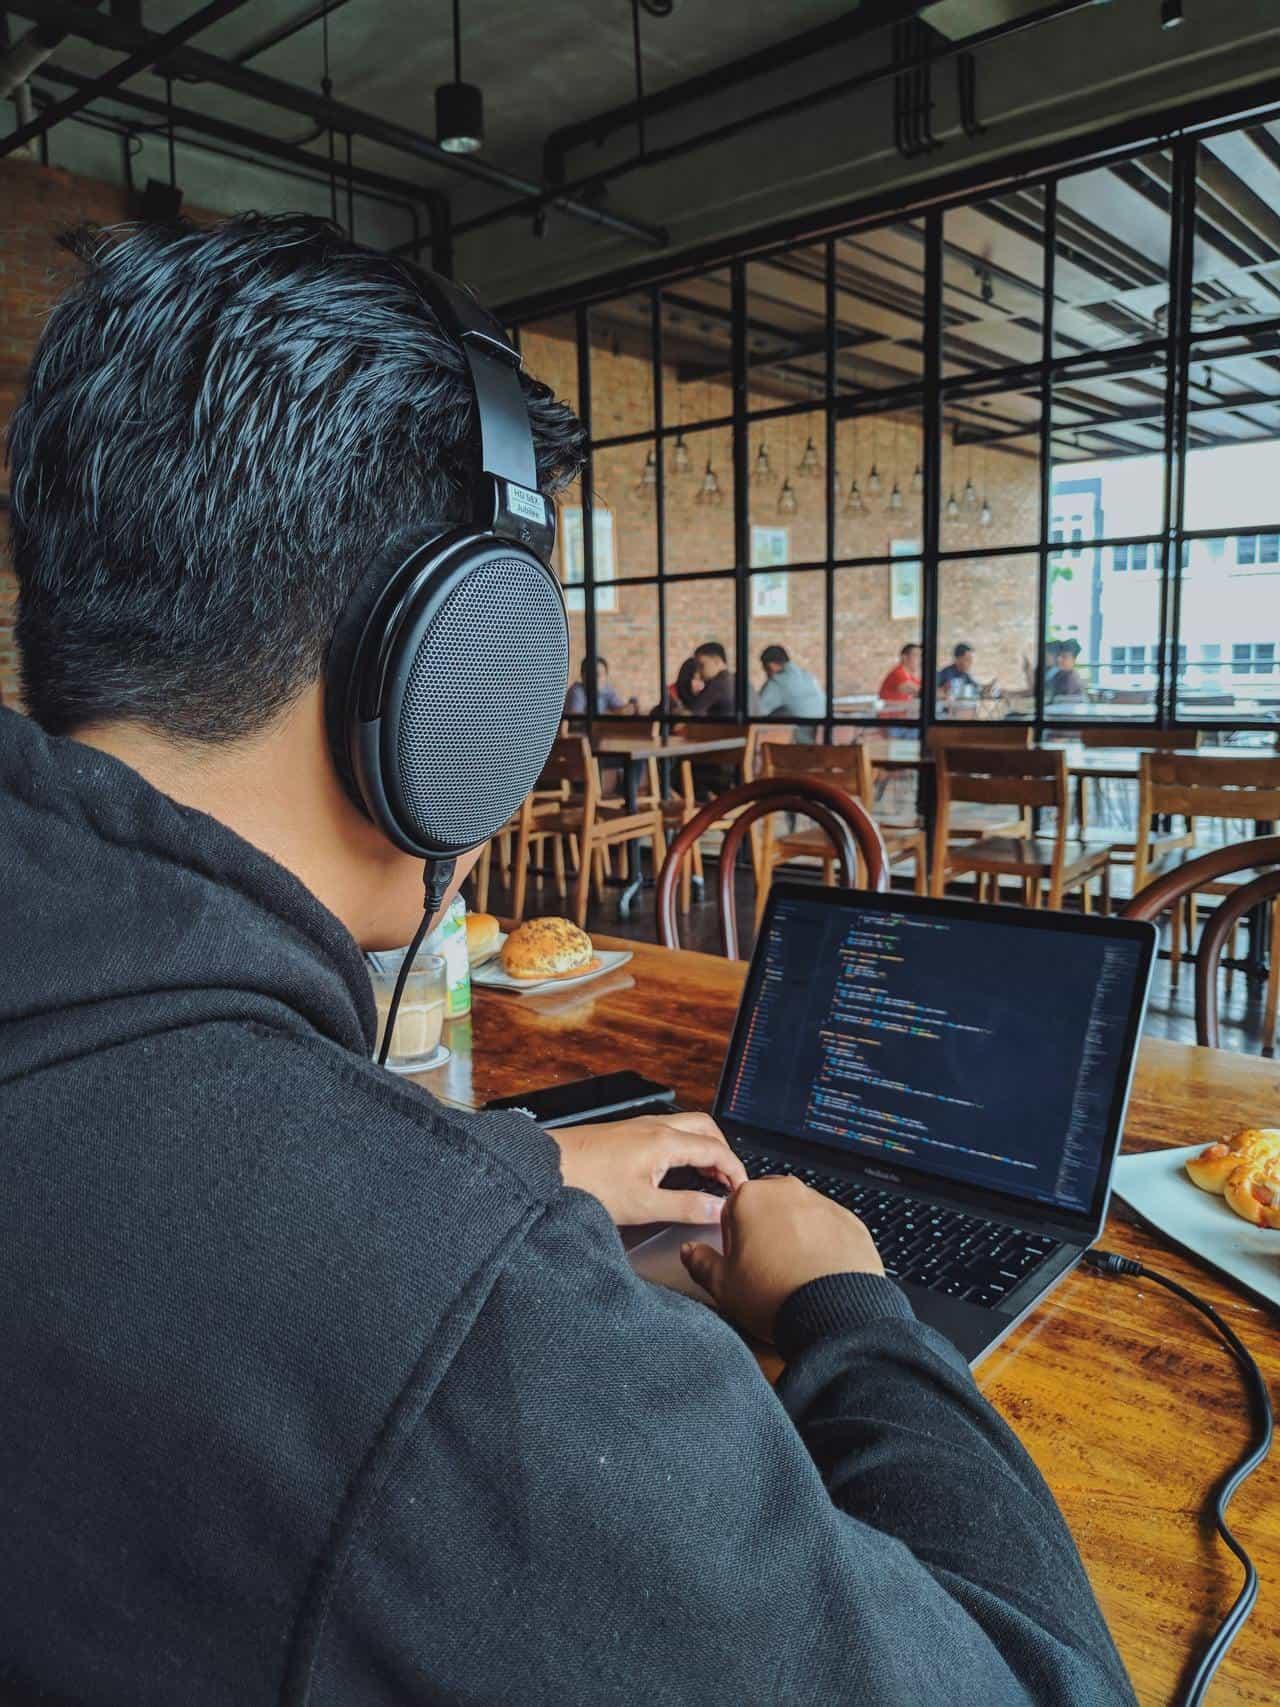 Программист работает в обеденной зоне